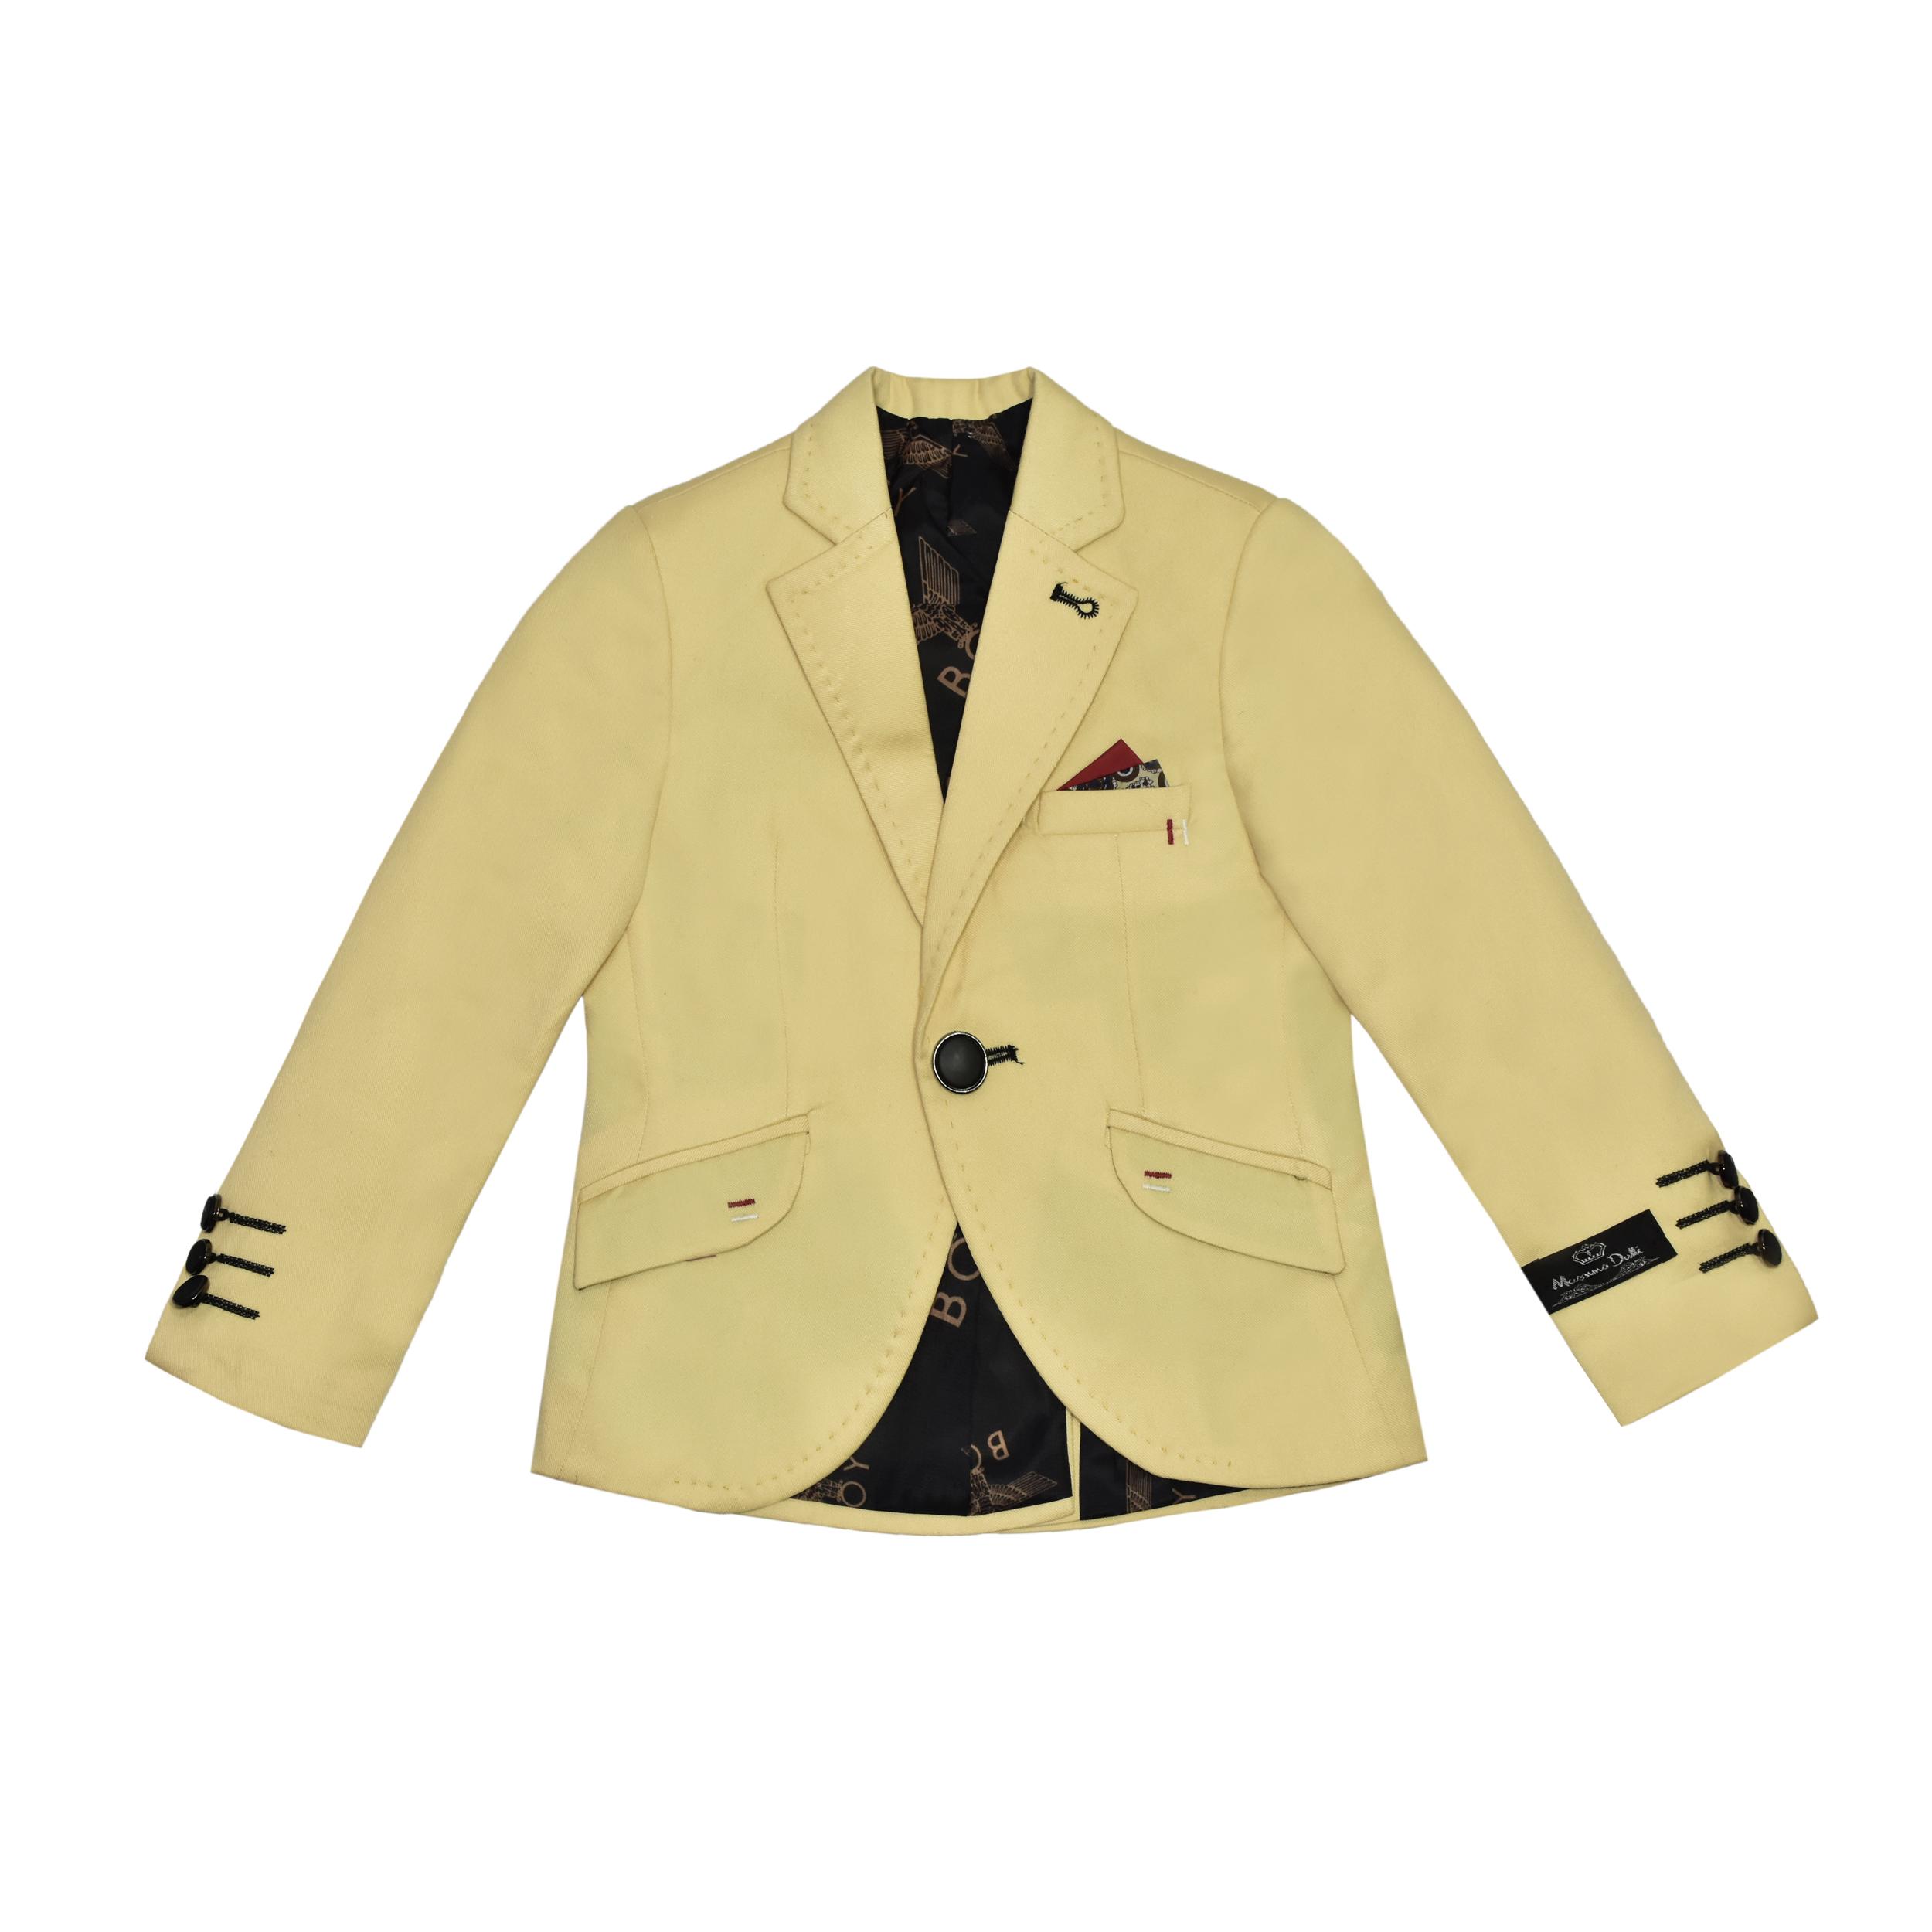 کت تک رسمی پسرانه